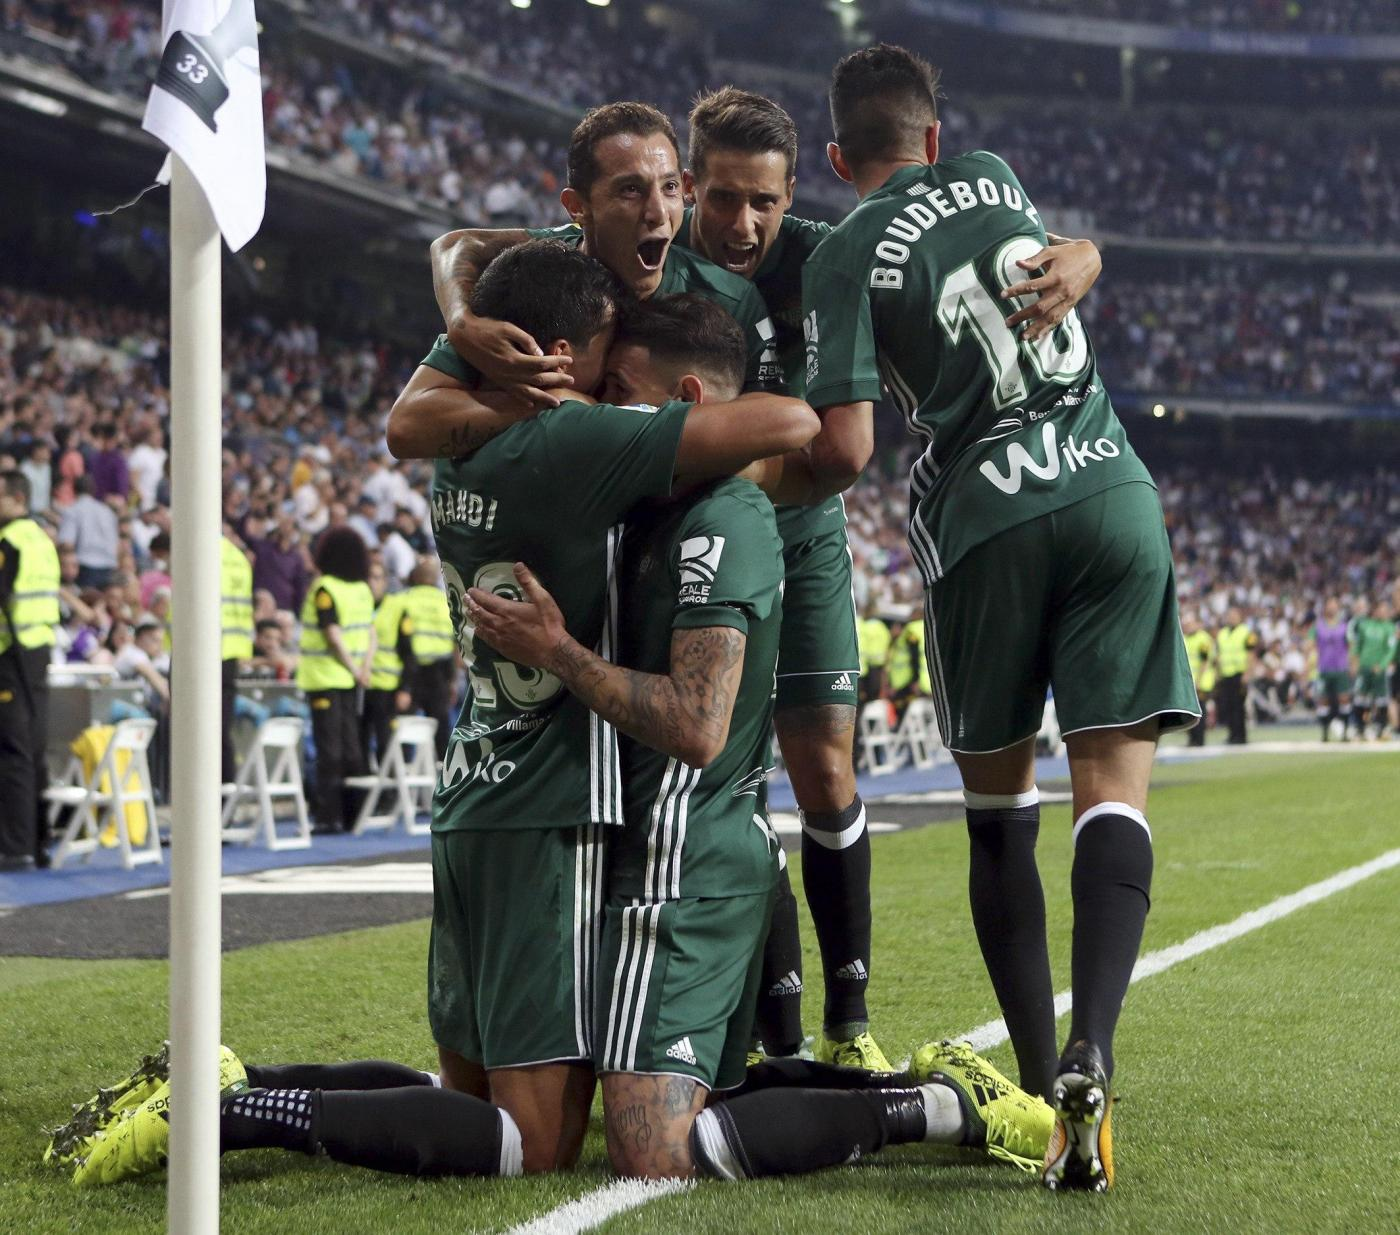 LaLiga, Girona-Betis Siviglia giovedì 27 settembre: analisi e pronostico della sesta giornata del campionato spagnolo